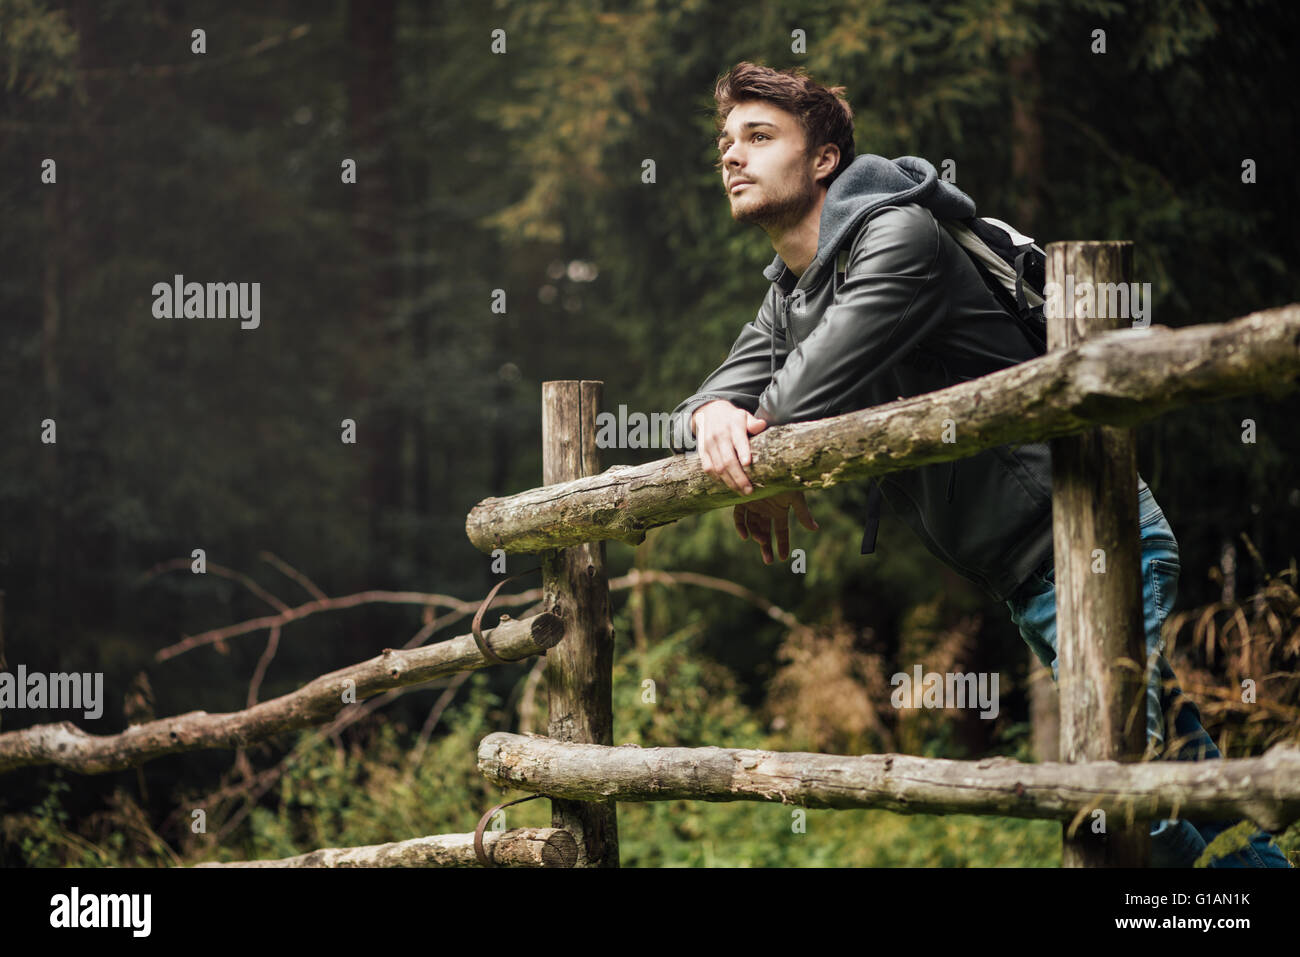 Junger Mann mit Rucksack wandern im Wald und stützte sich auf einen Holzzaun, Natur und Sport-Konzept Stockbild